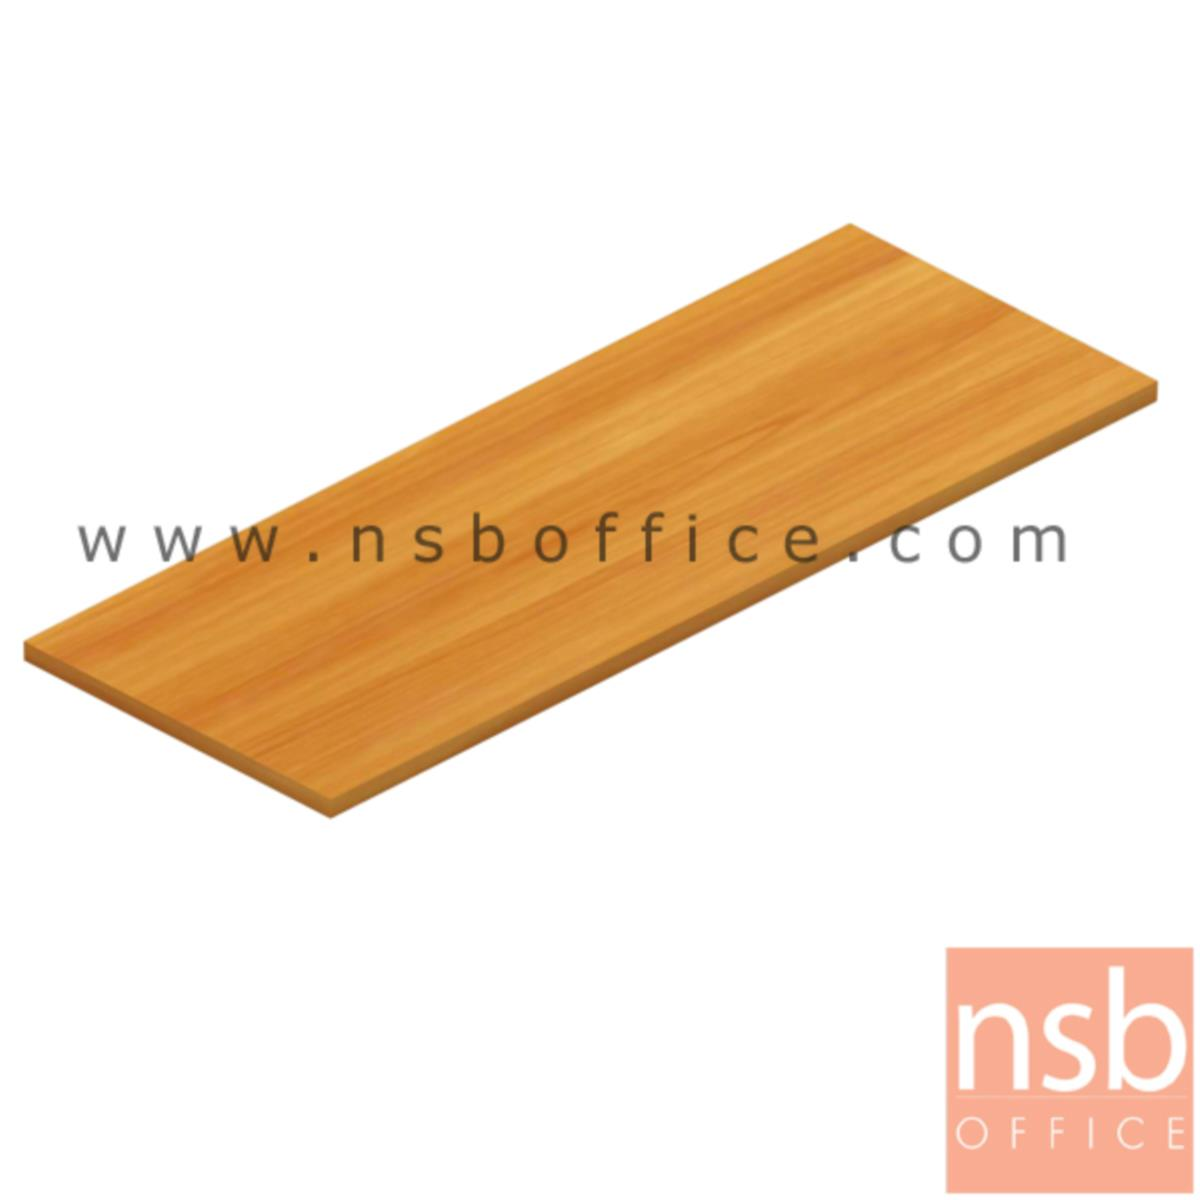 P01A047: แผ่น TOP ไม้ รุ่น TYN-500 (พร้อมชุดเกี่ยว) D50 cm.